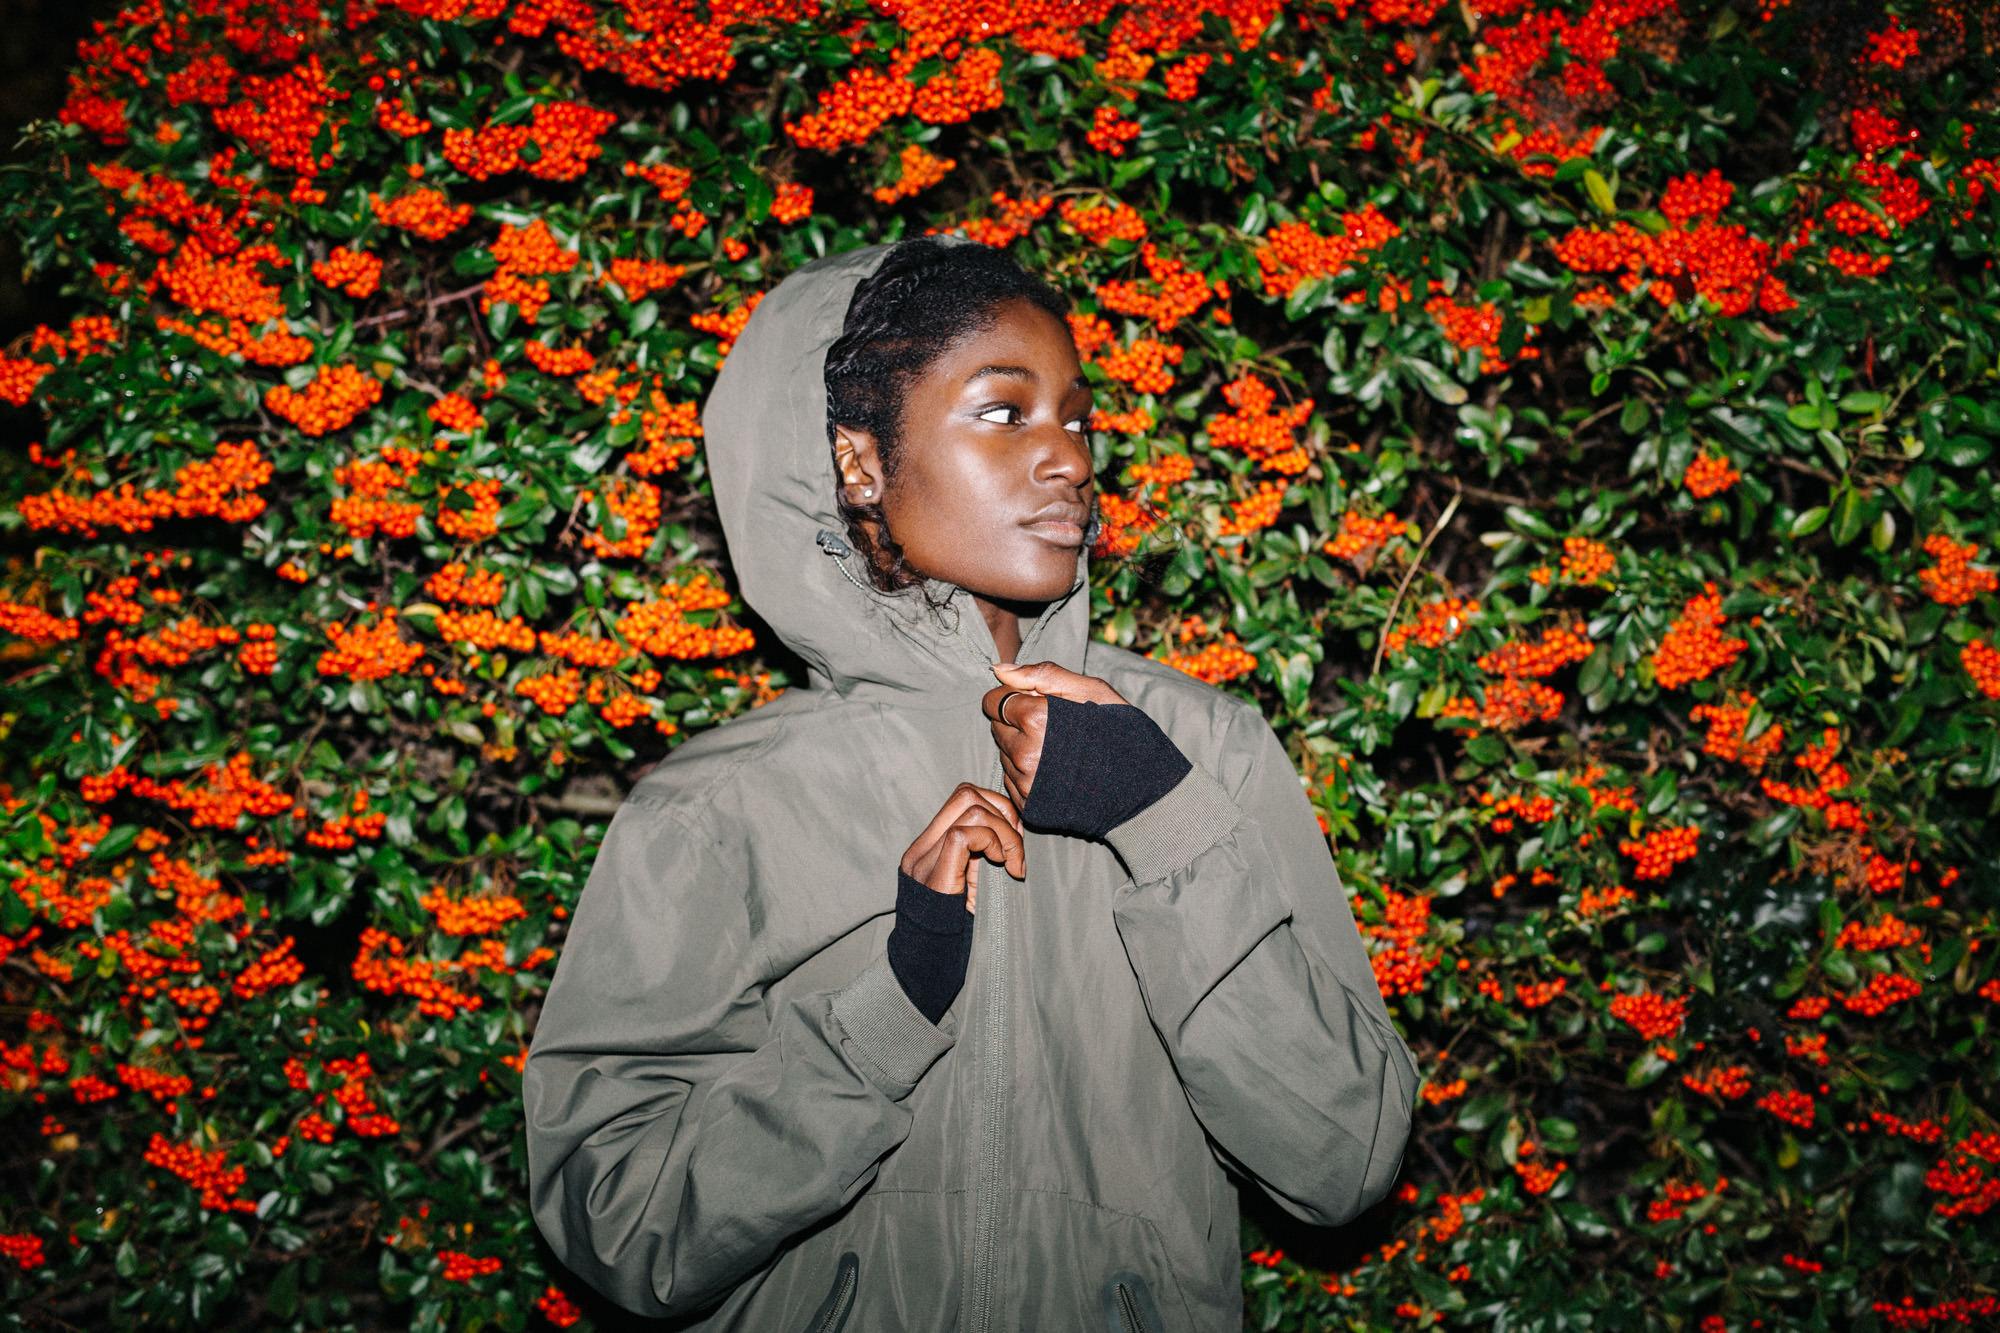 Woman zipping jacket at bush